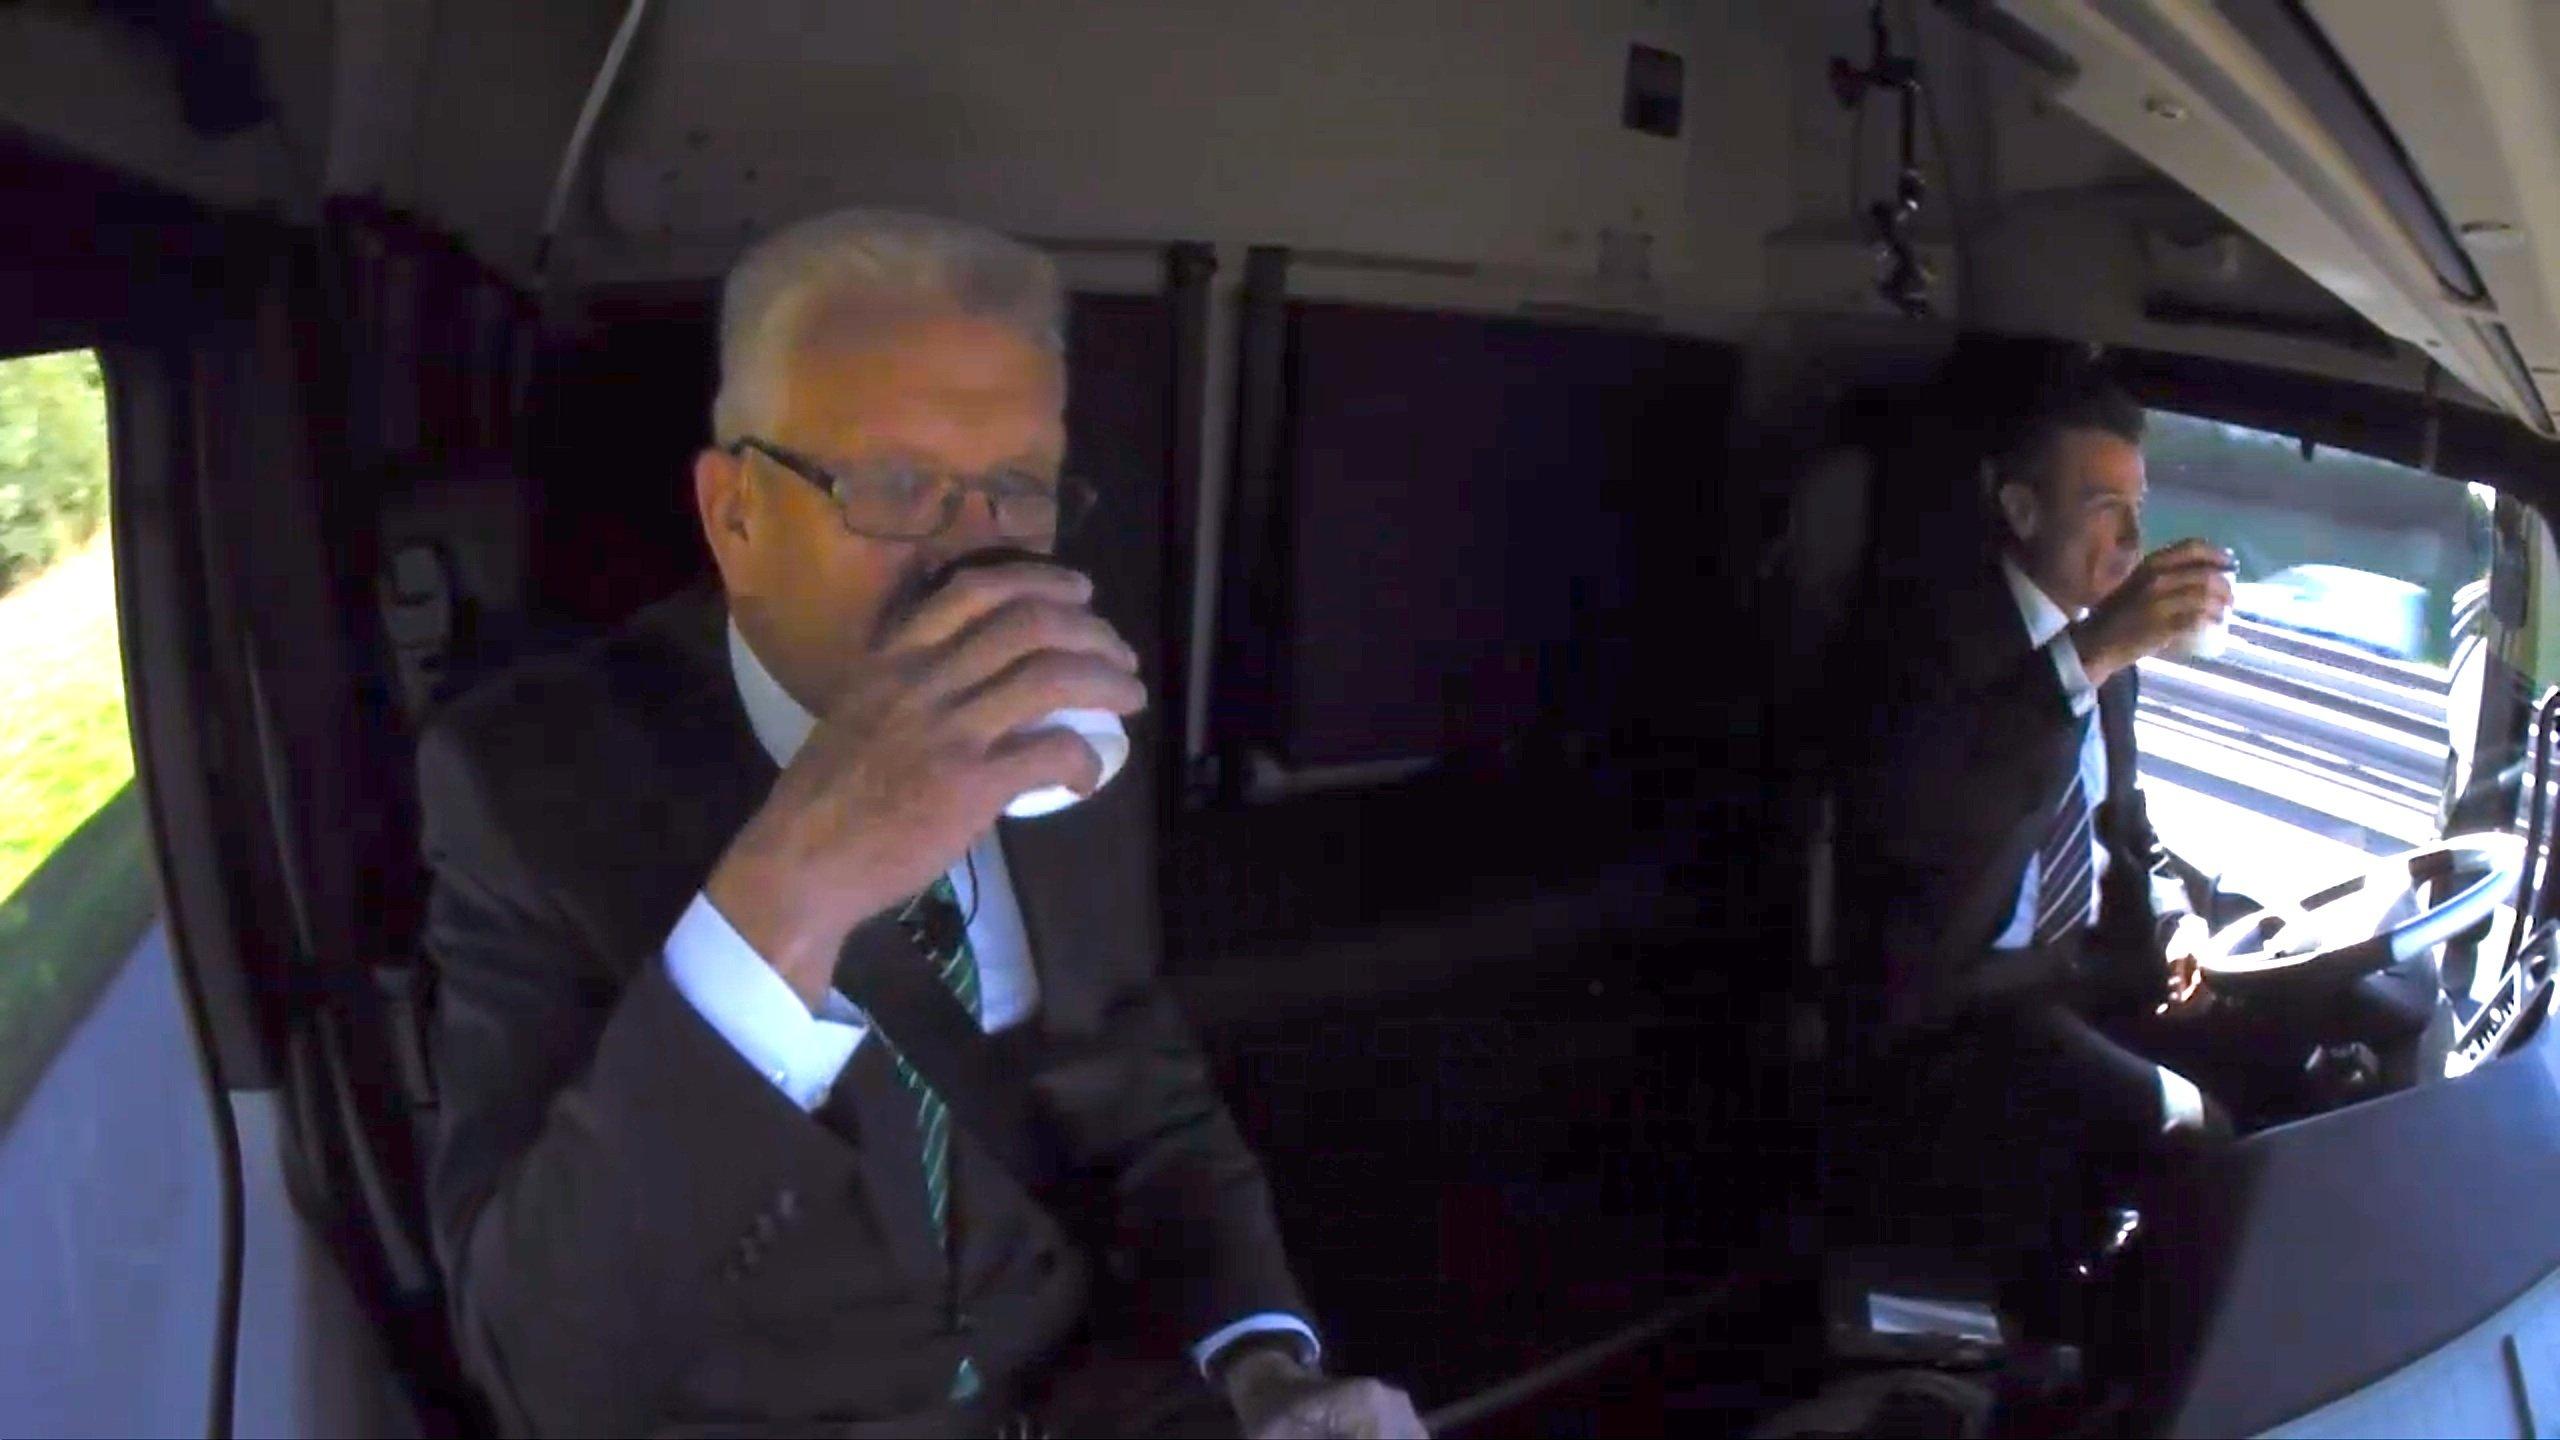 Daimler-Truck-Chef Wolfgang Bernhard und Ministerpräsident Winfried Kretschmann beim Kaffeetrinken, während der Actros selbstständig über die A8 steuert.